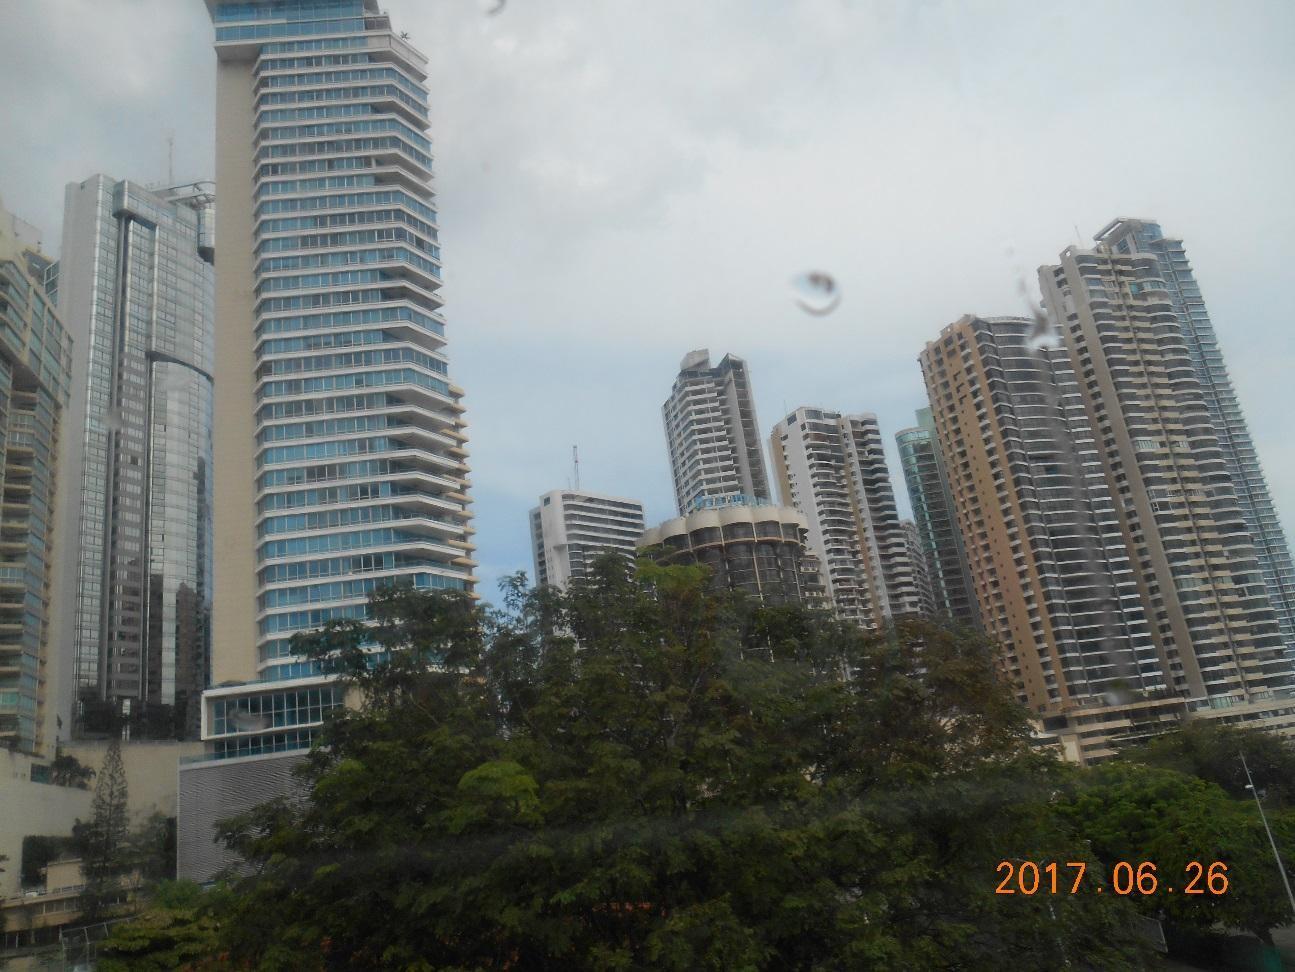 パナマシティの新市街のビル群